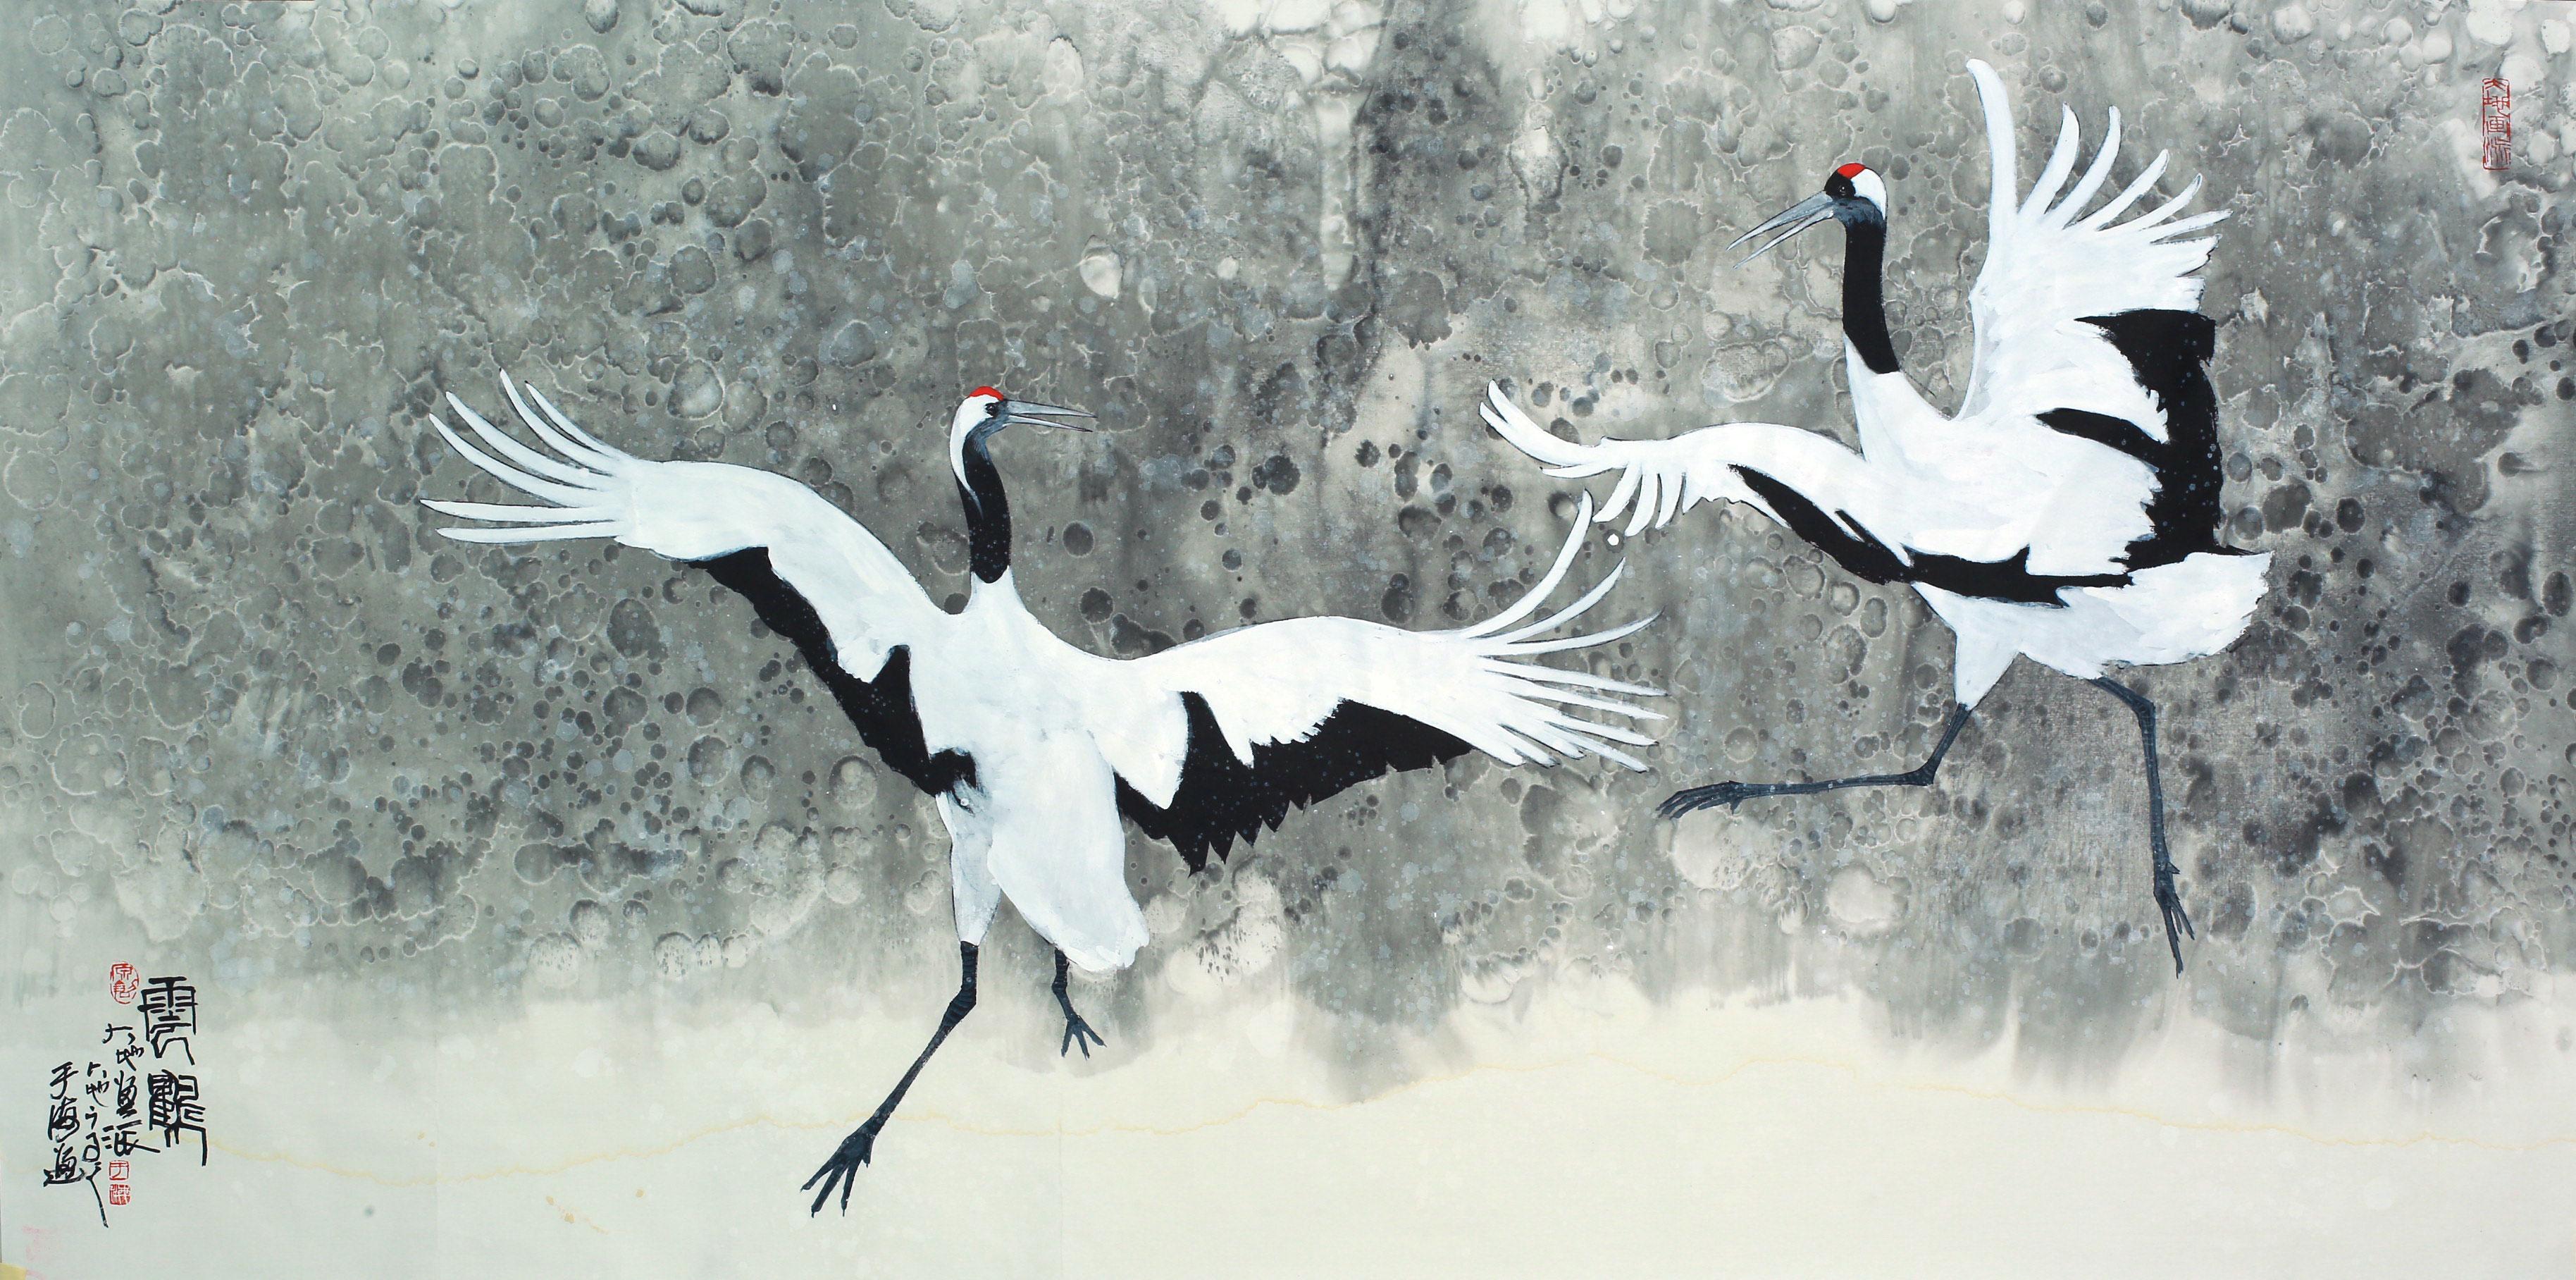 《云鹤》尺寸70X140cm画种:水墨境画.jpg